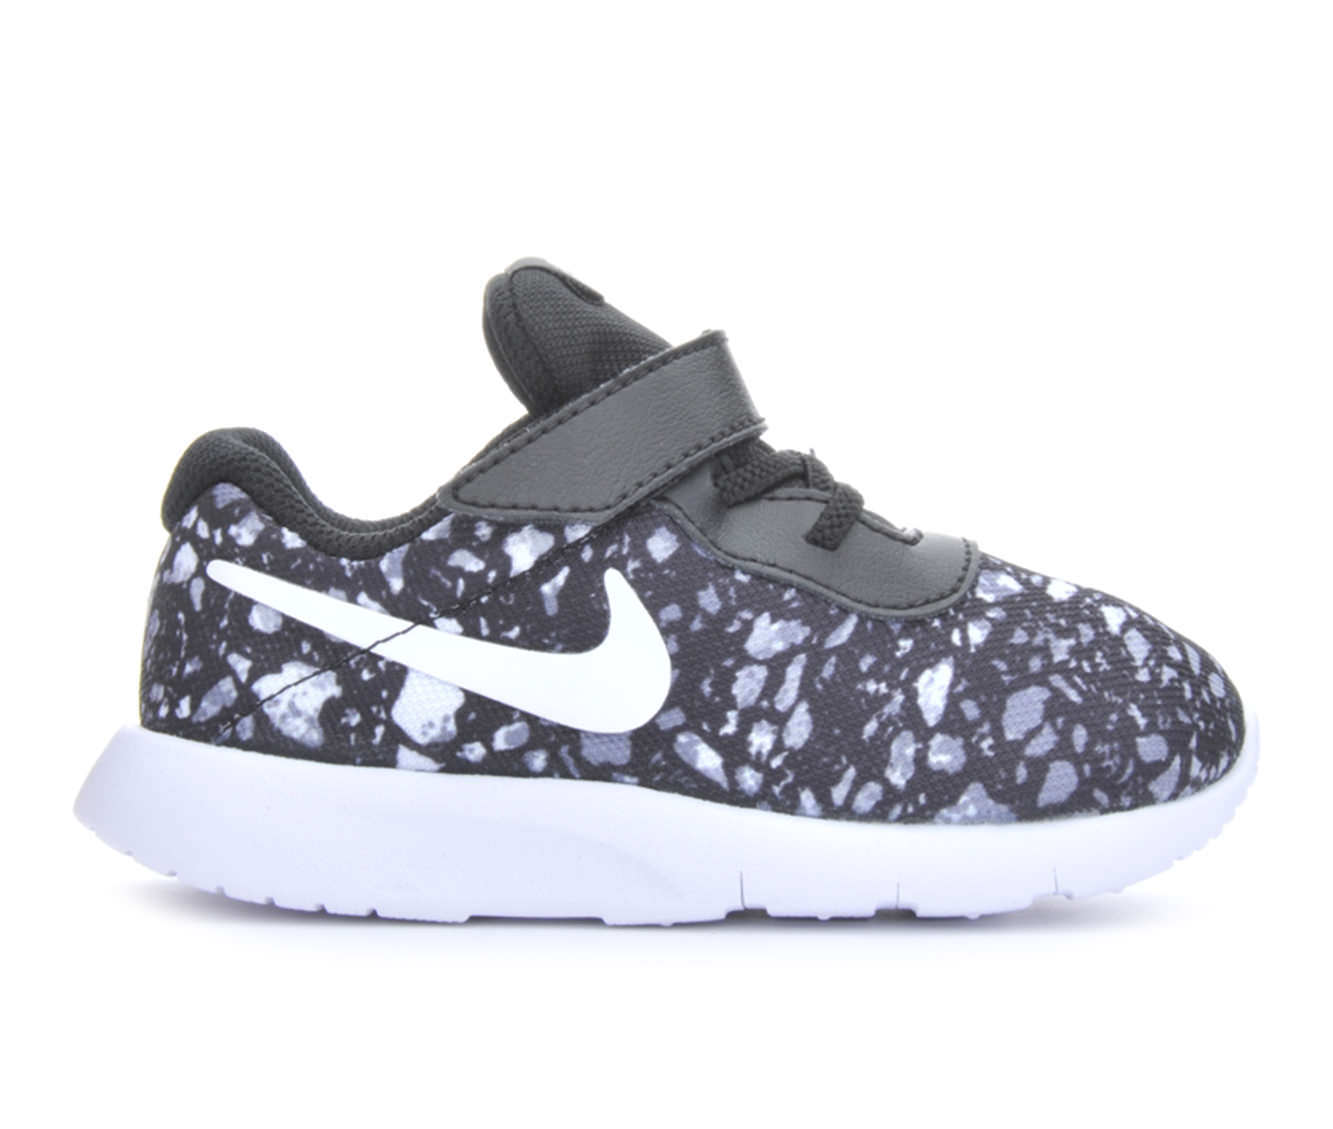 Boys' Nike Infant Tanjun Print Sneakers (Black)